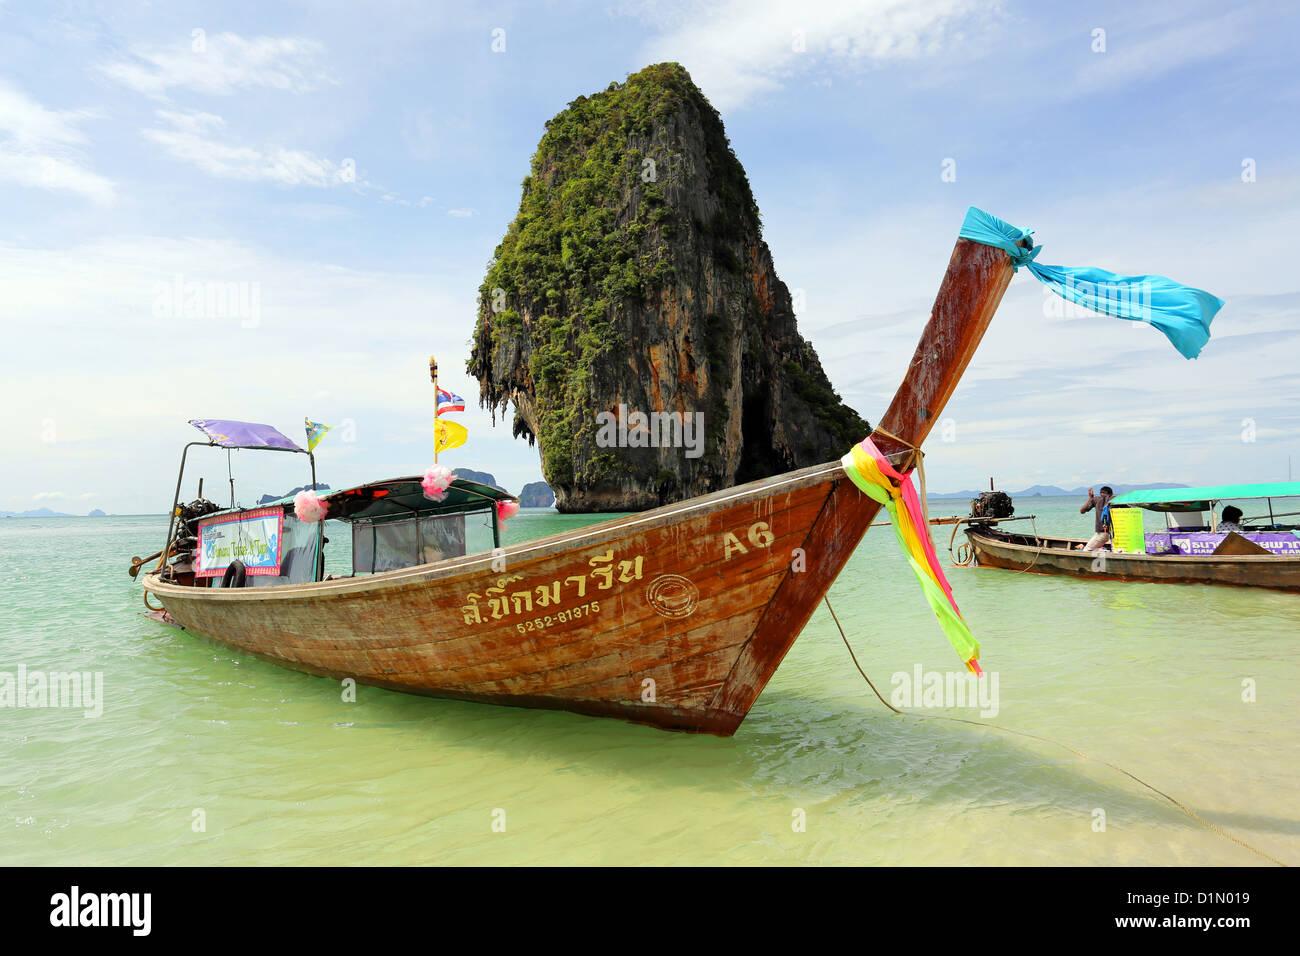 Thaï traditionnel bateau à longue queue Phranang Cave Beach, Railay Beach, Krabi, Phuket, Thailand Photo Stock